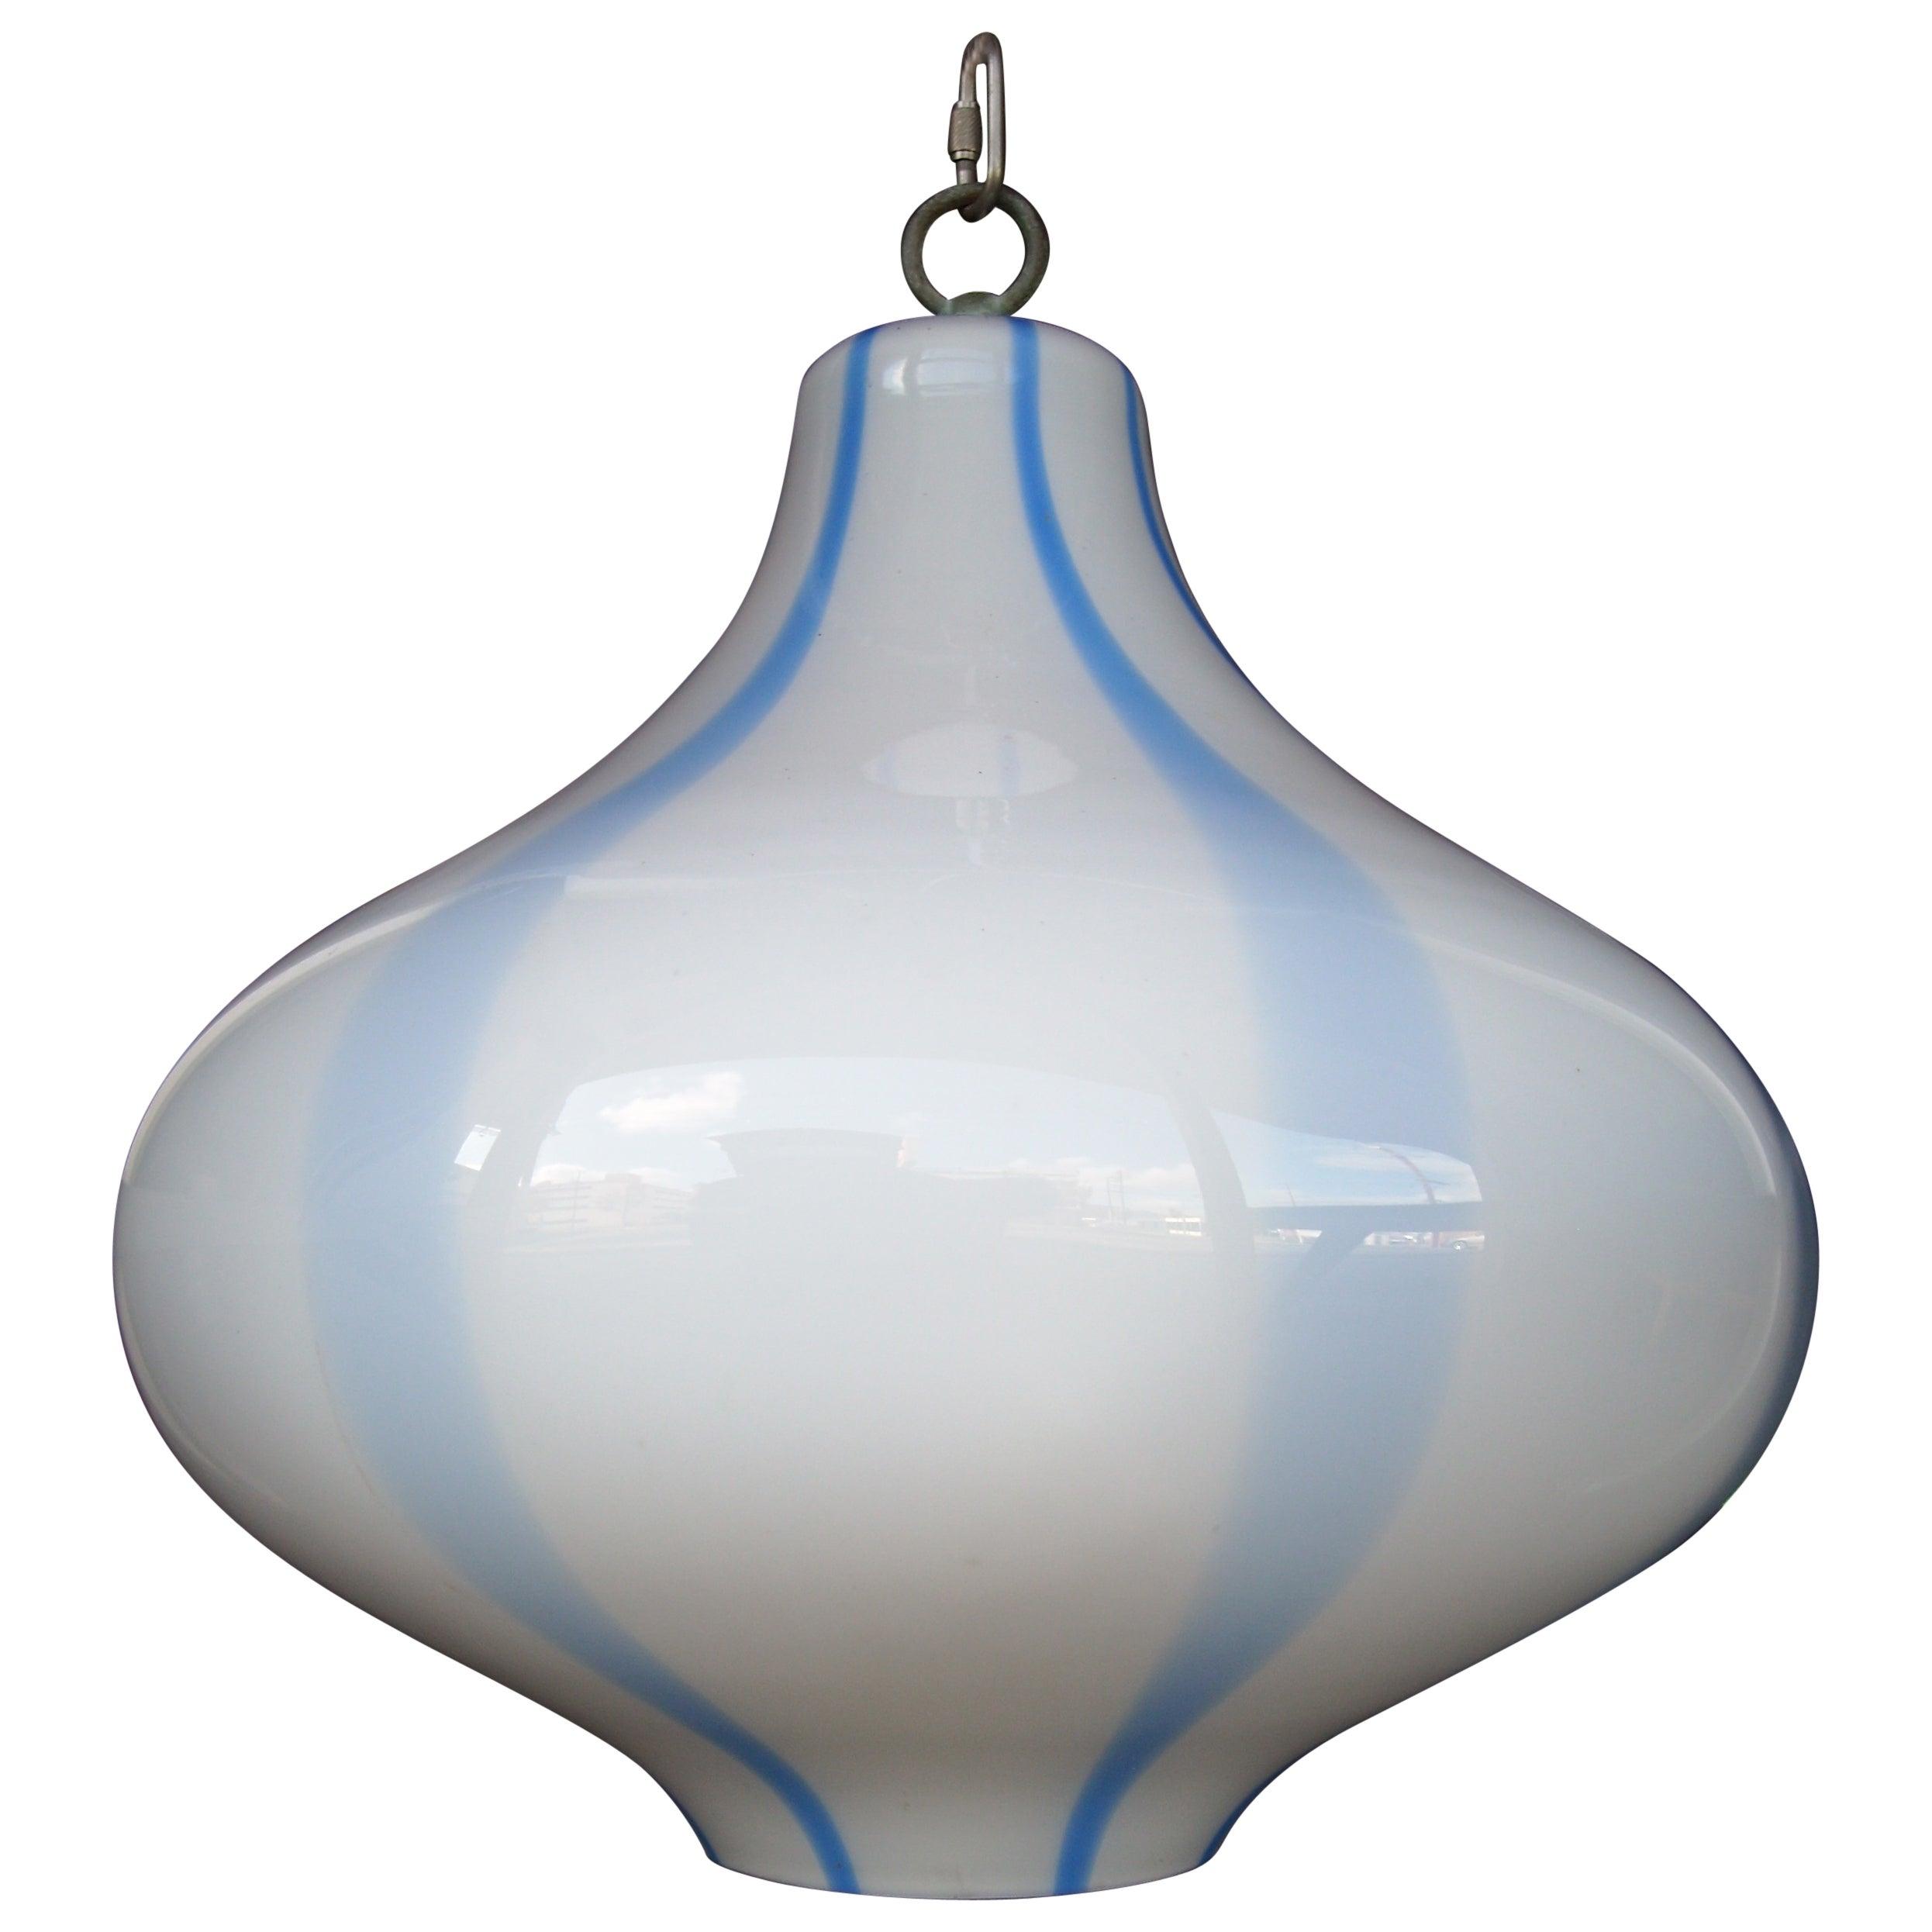 Massimo Vignelli for Venini Murano Glass Ceiling Lamp/ Light Pendant